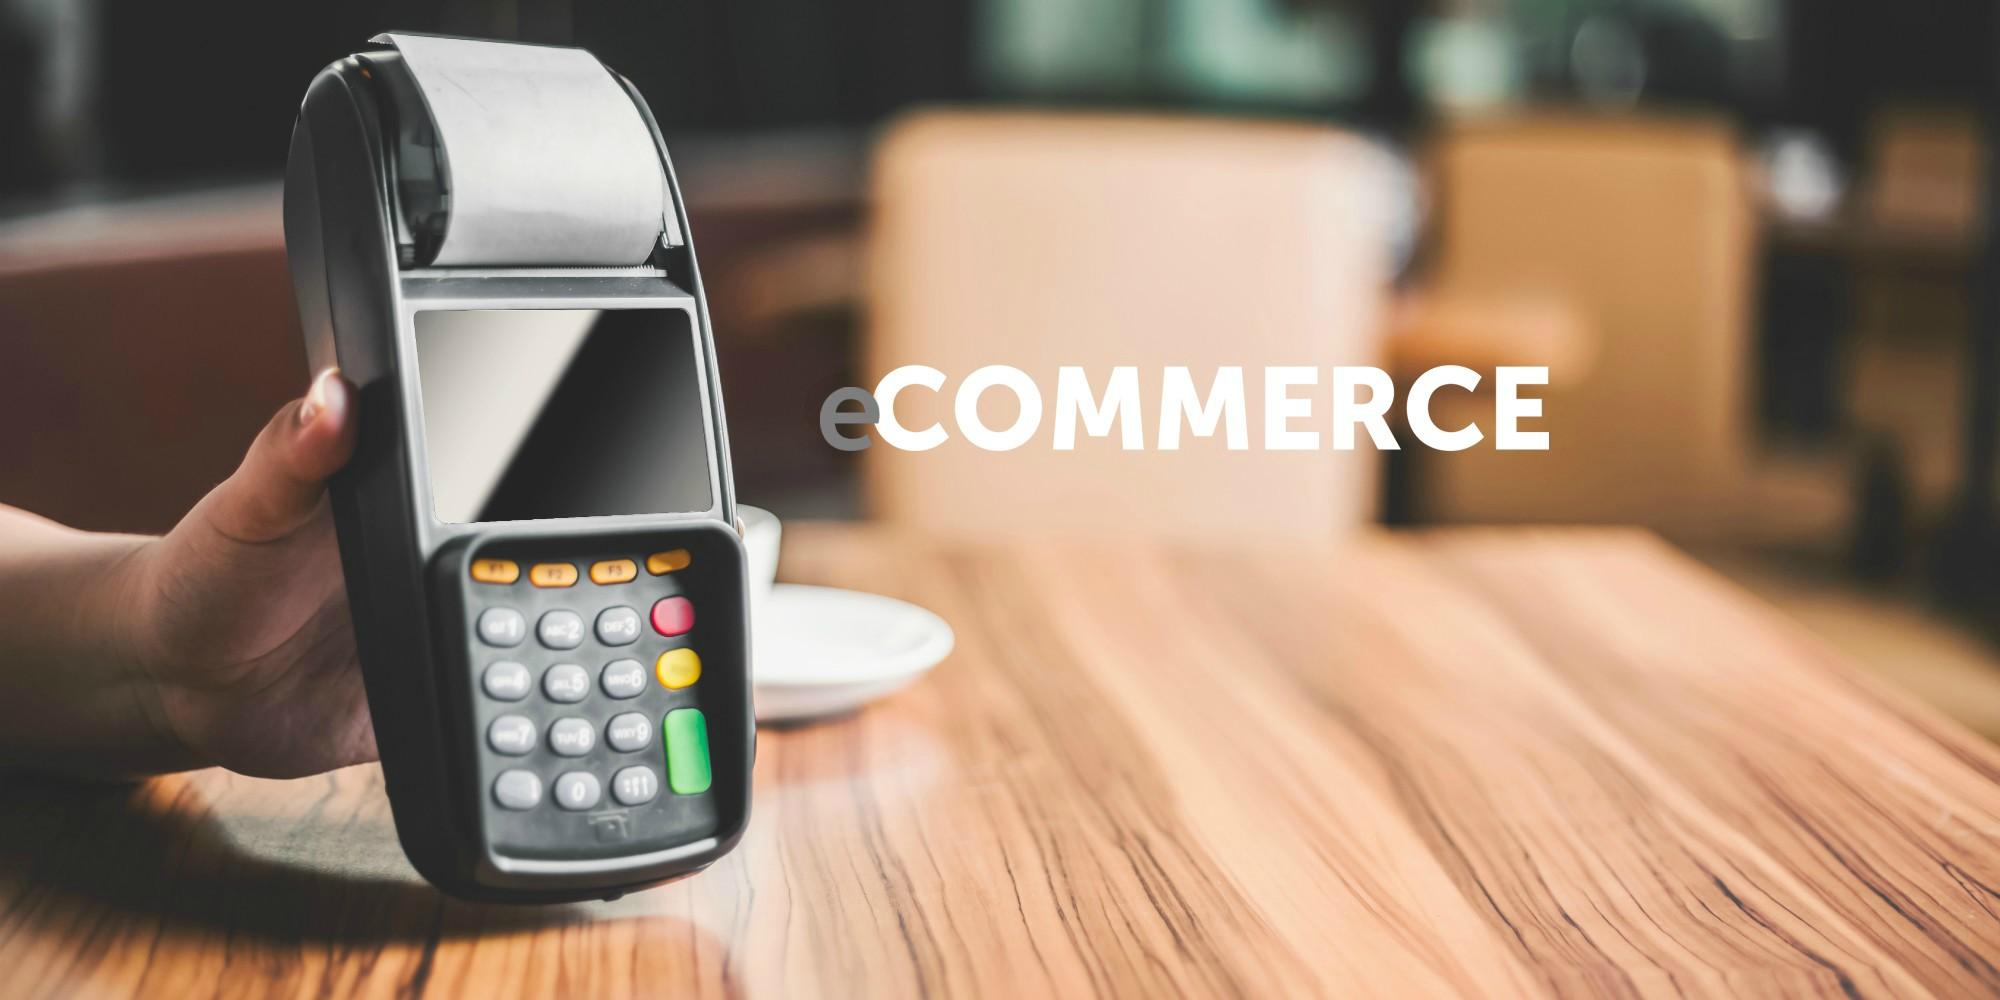 Kreditkartenlesegerät auf Holztisch